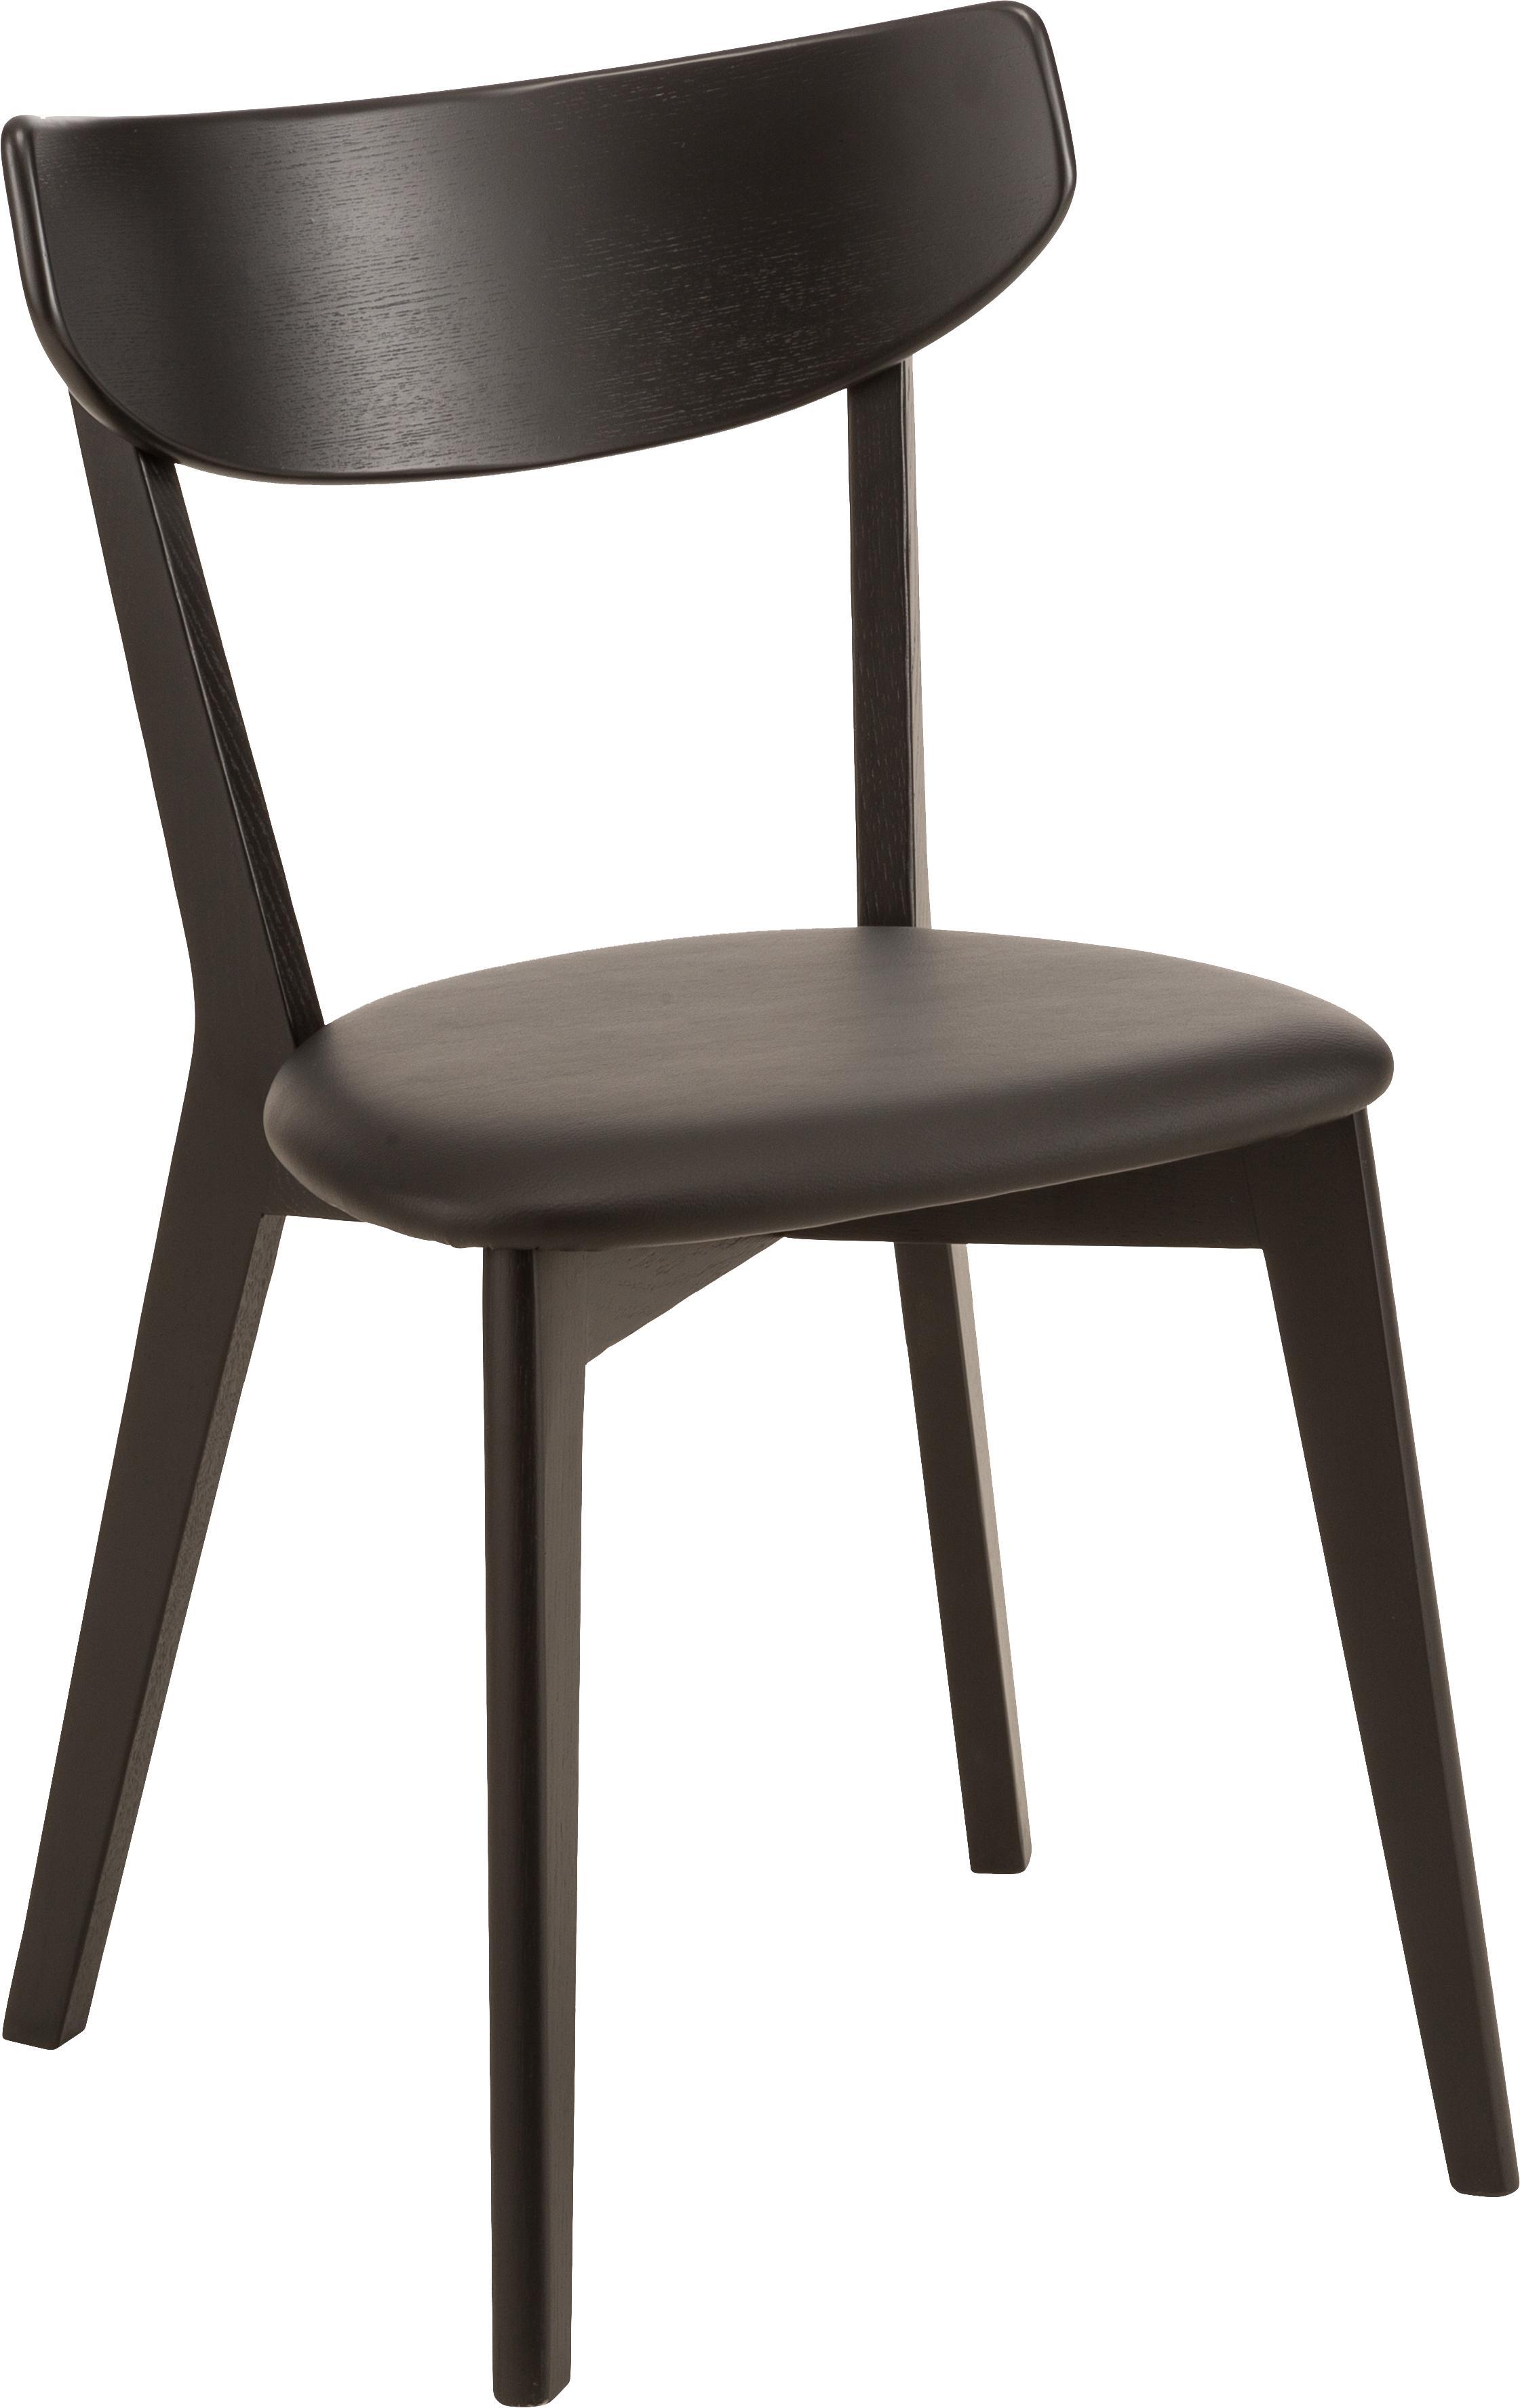 Sillas Ami, 2uds., Tapizado: cuero sintético (poliuret, Negro, An 48 x Al 80 cm